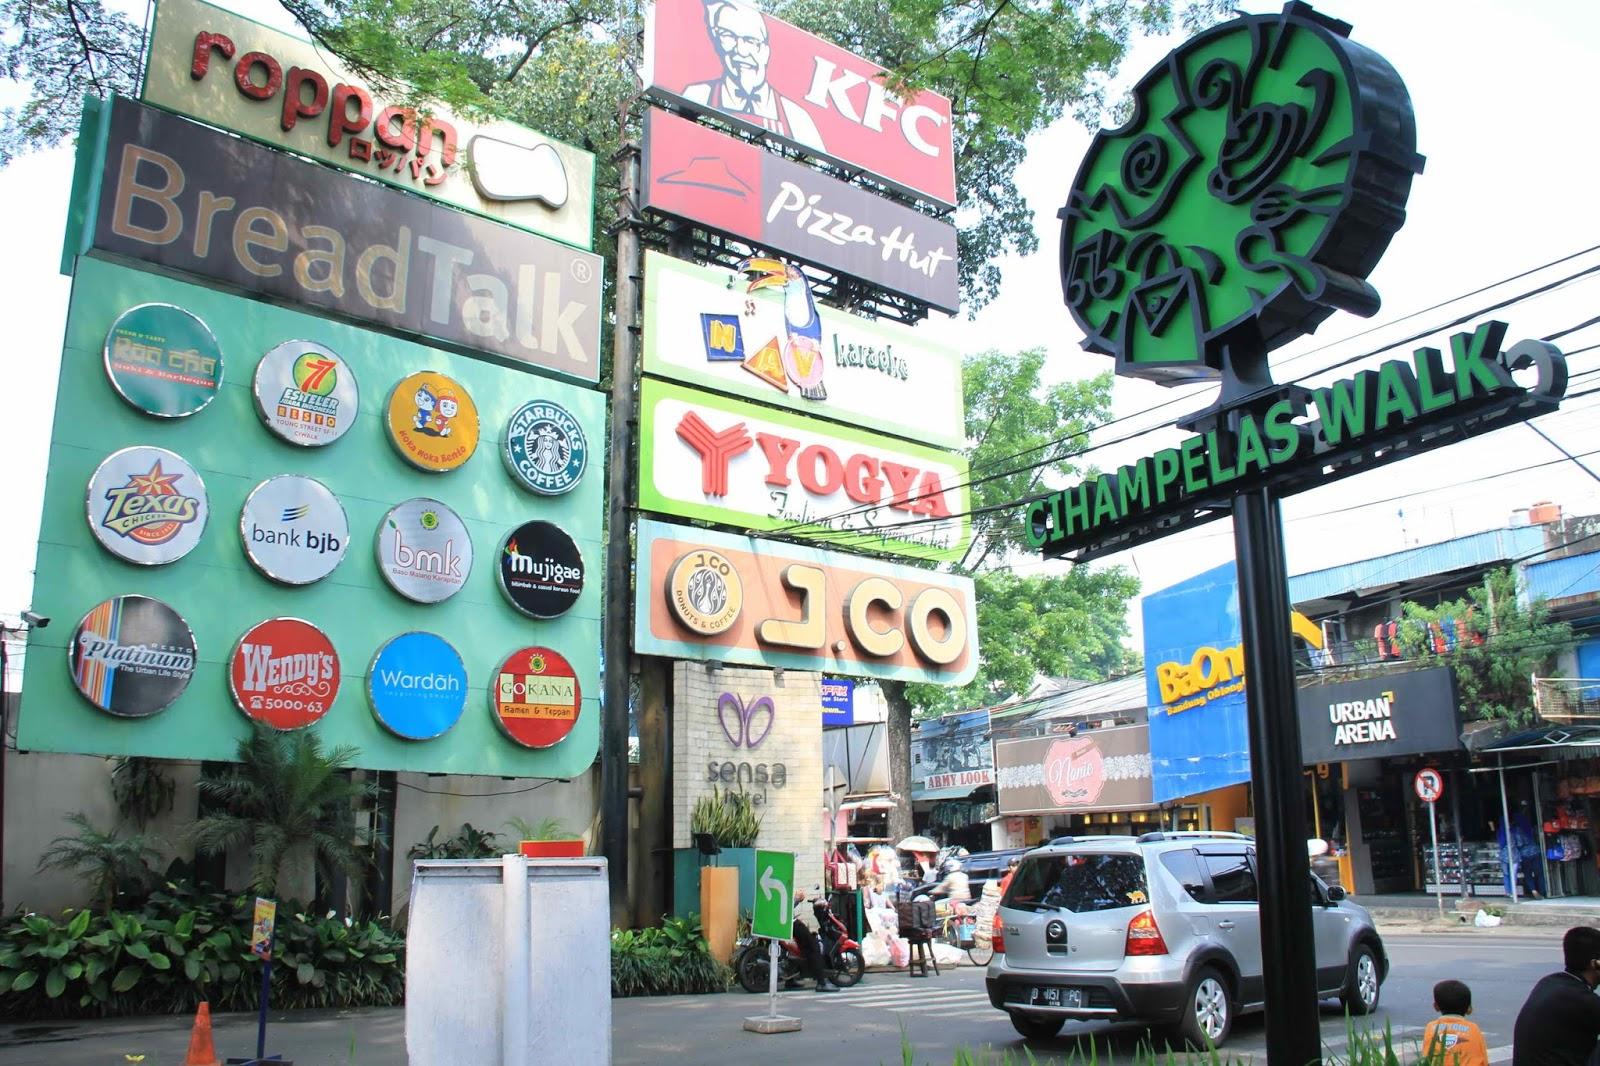 Wisata Jawa Barat - Cihampelas Walk Bandung - Ciwalk ...